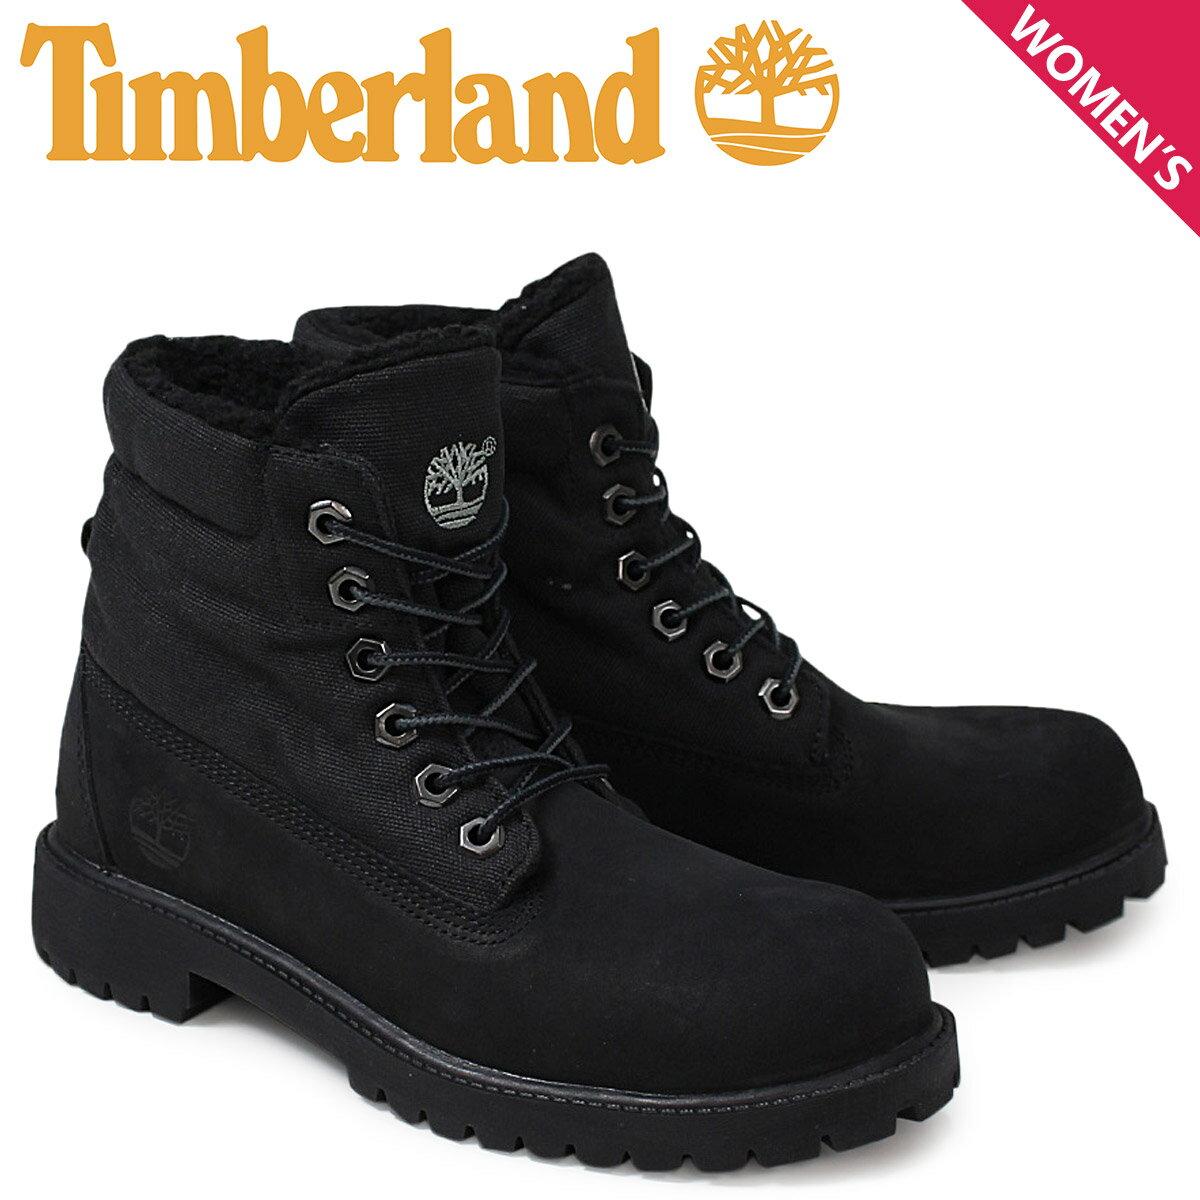 Timberland ティンバーランド レディース ロールトップ ブーツ  ROLLTOP BOOTS  43960 Mワイズ 防水  ブラック あす楽 [10/28 新入荷]